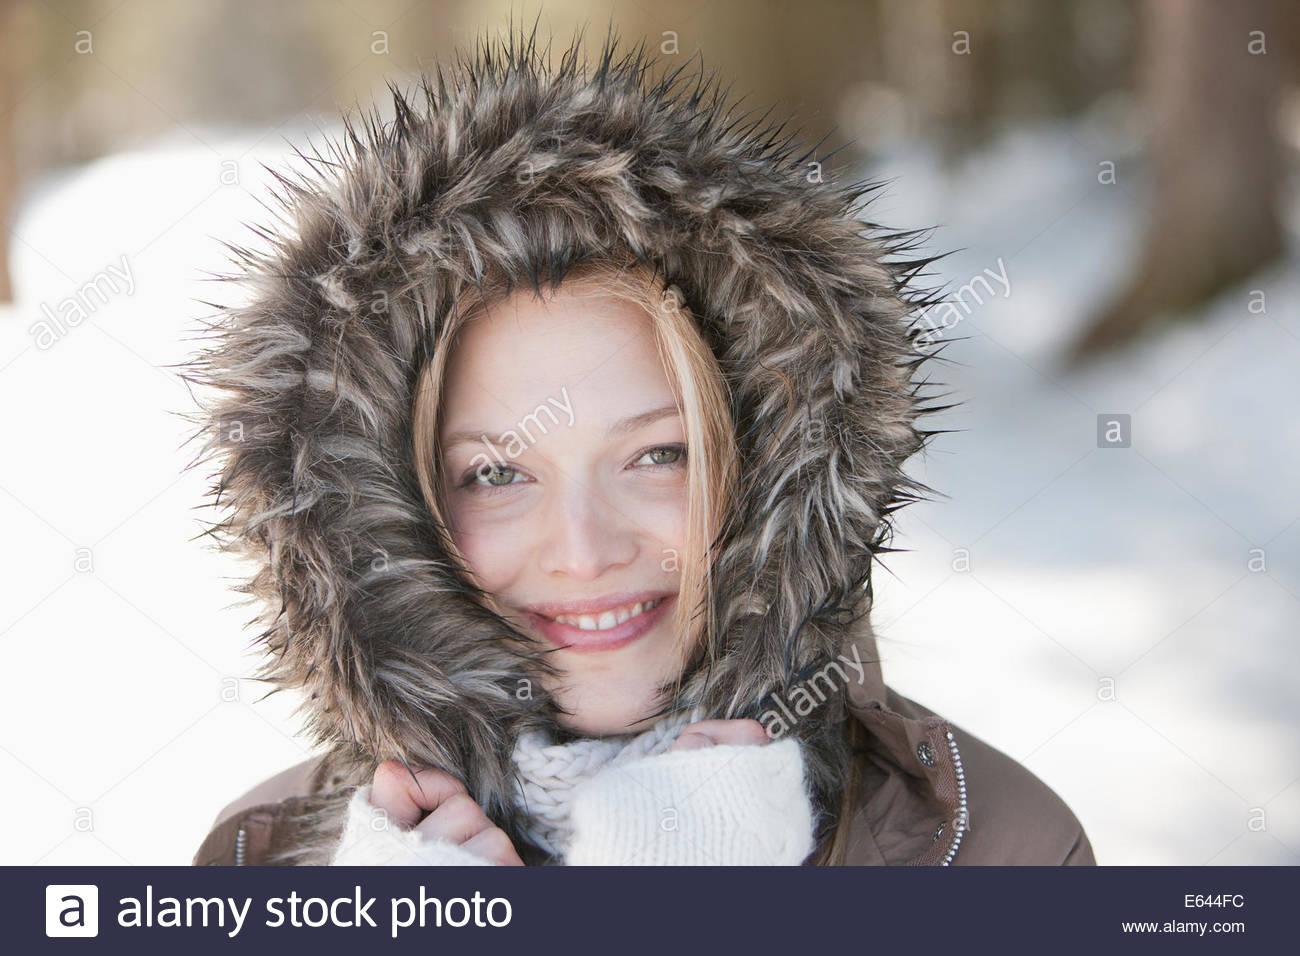 Retrato de mujer sonriente vistiendo pieles abrigo del capó Imagen De Stock